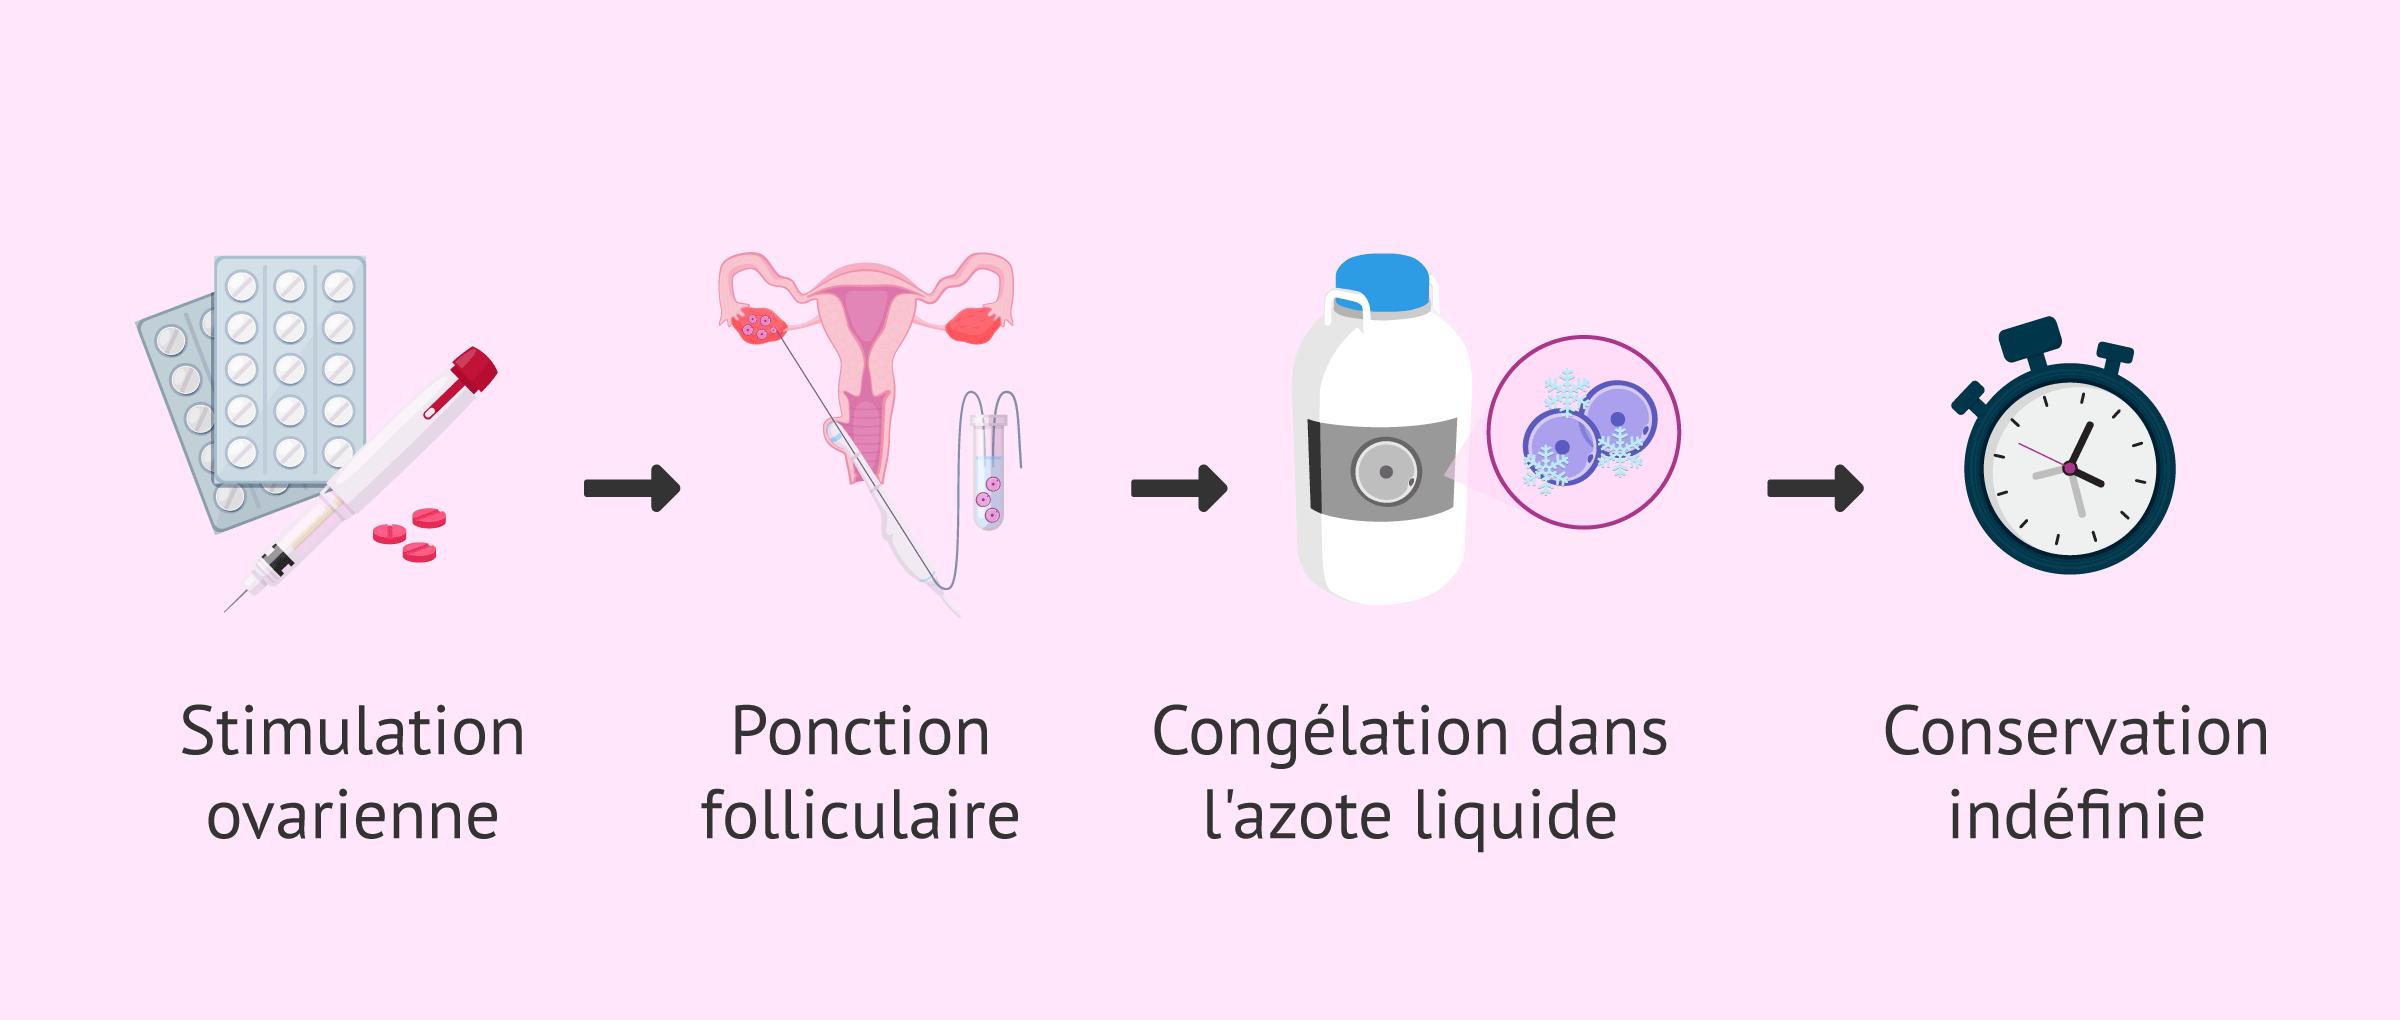 Imagen: Processus de préservation de la fertilité féminine